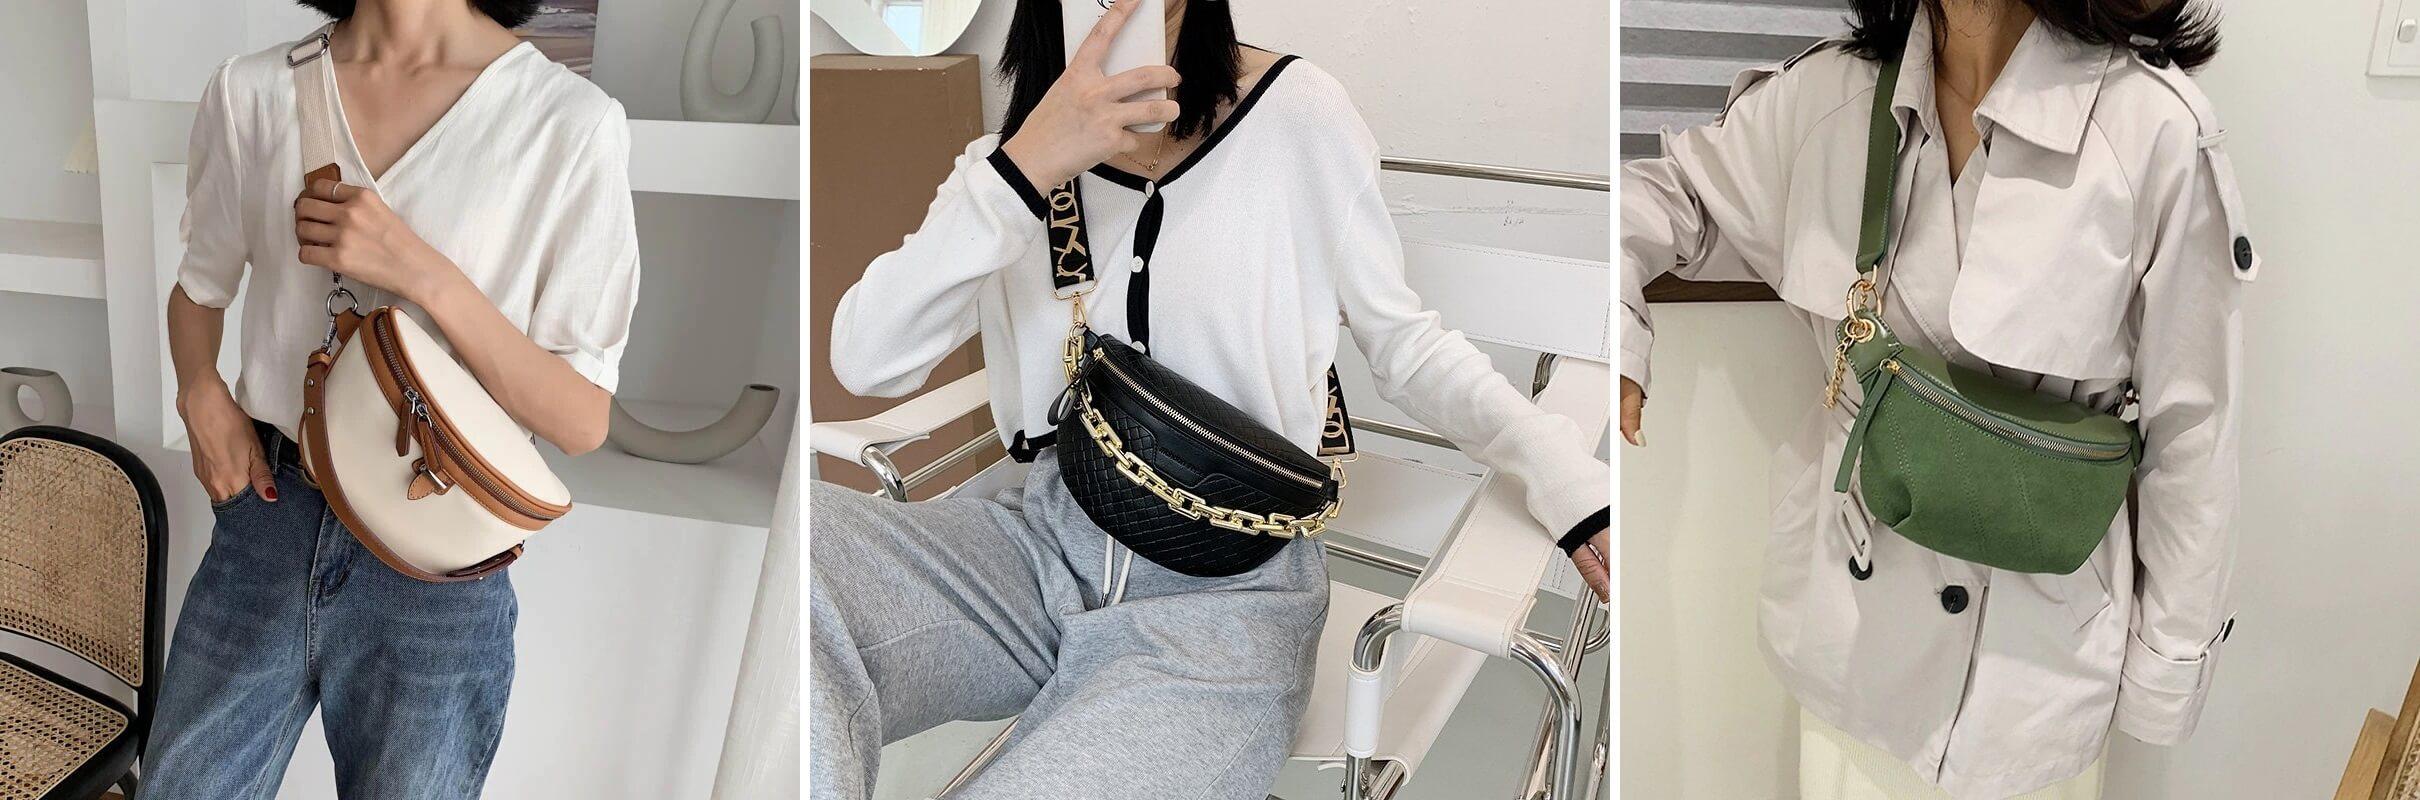 ТОП-10 женских поясных сумок с Алиэкспресс